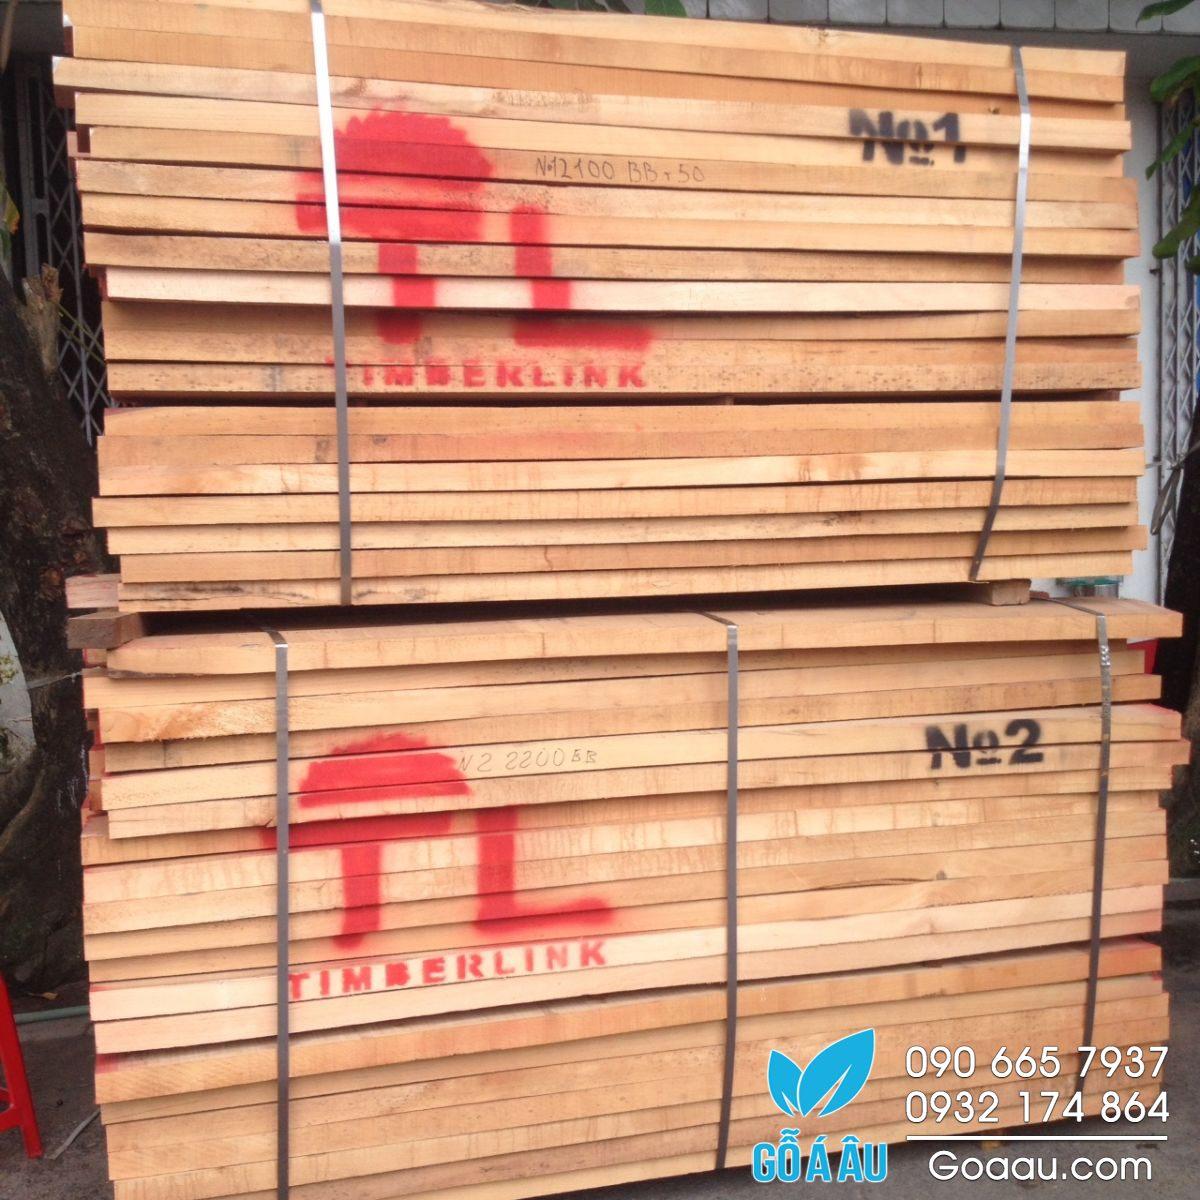 bán gỗ sồi đỏ giá rẻ ở tại bình dương